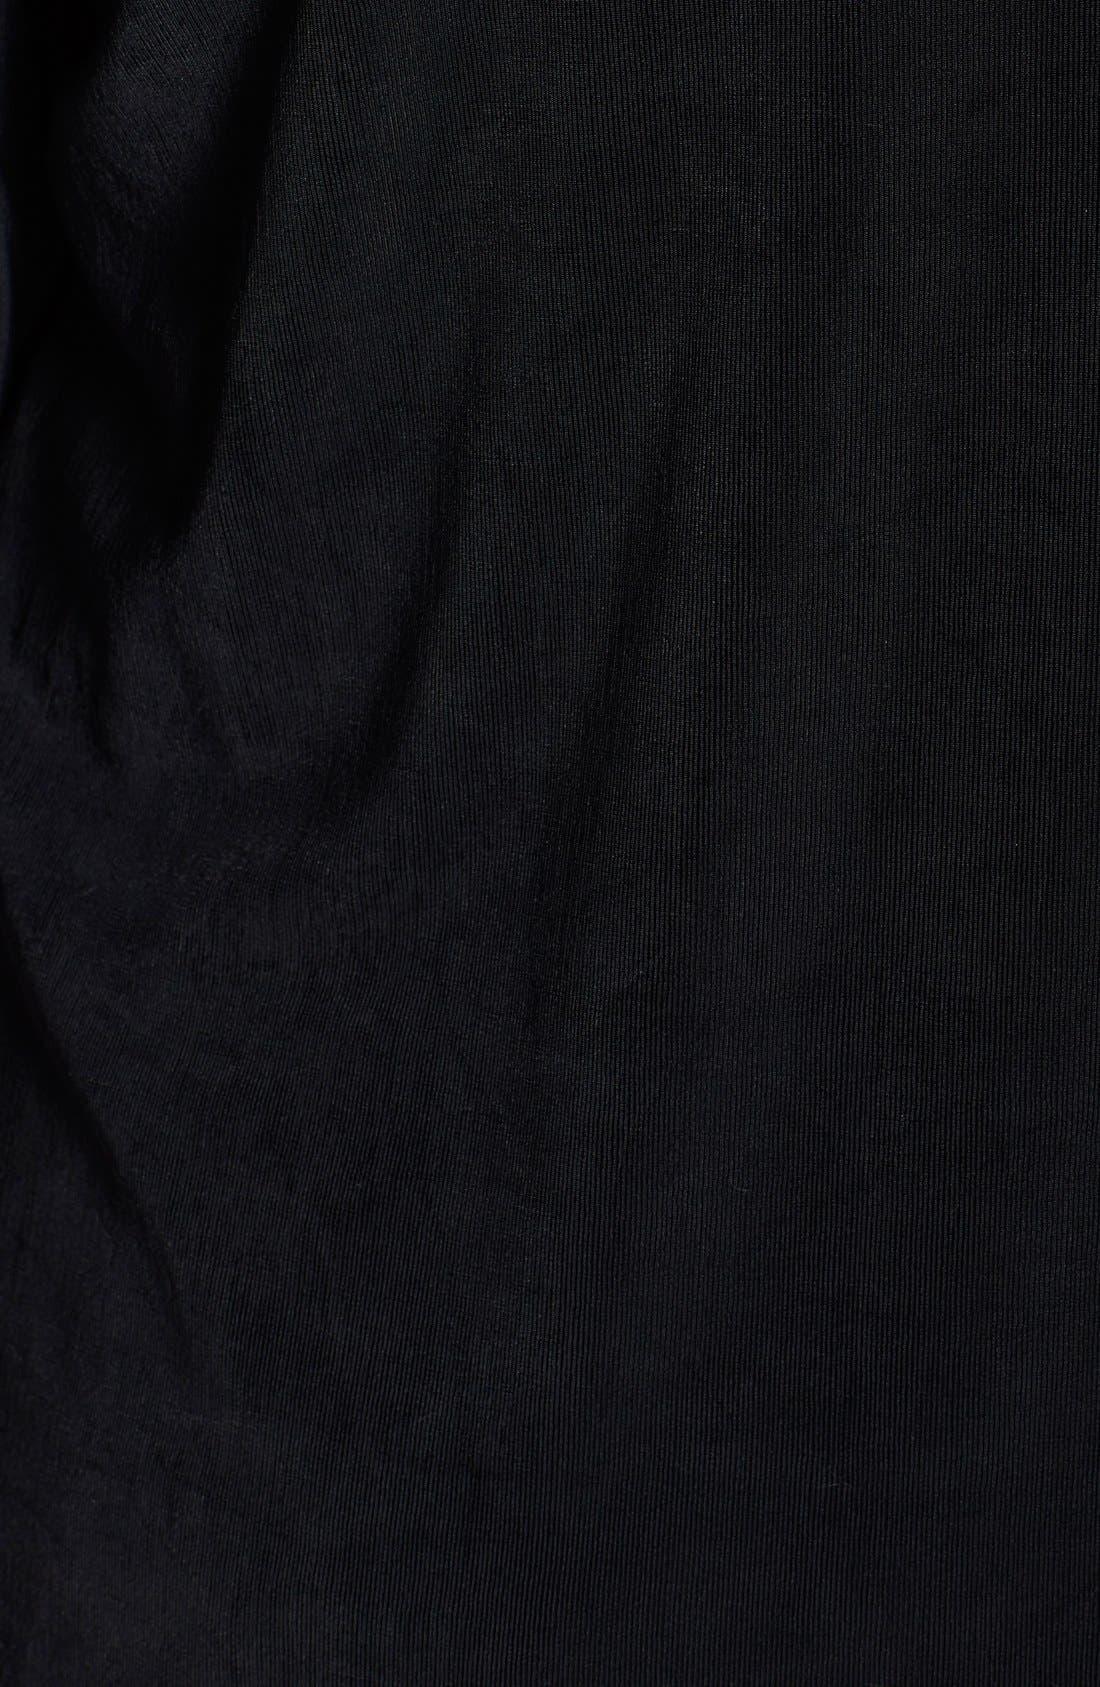 Kimono Cardigan,                             Alternate thumbnail 8, color,                             BLACK